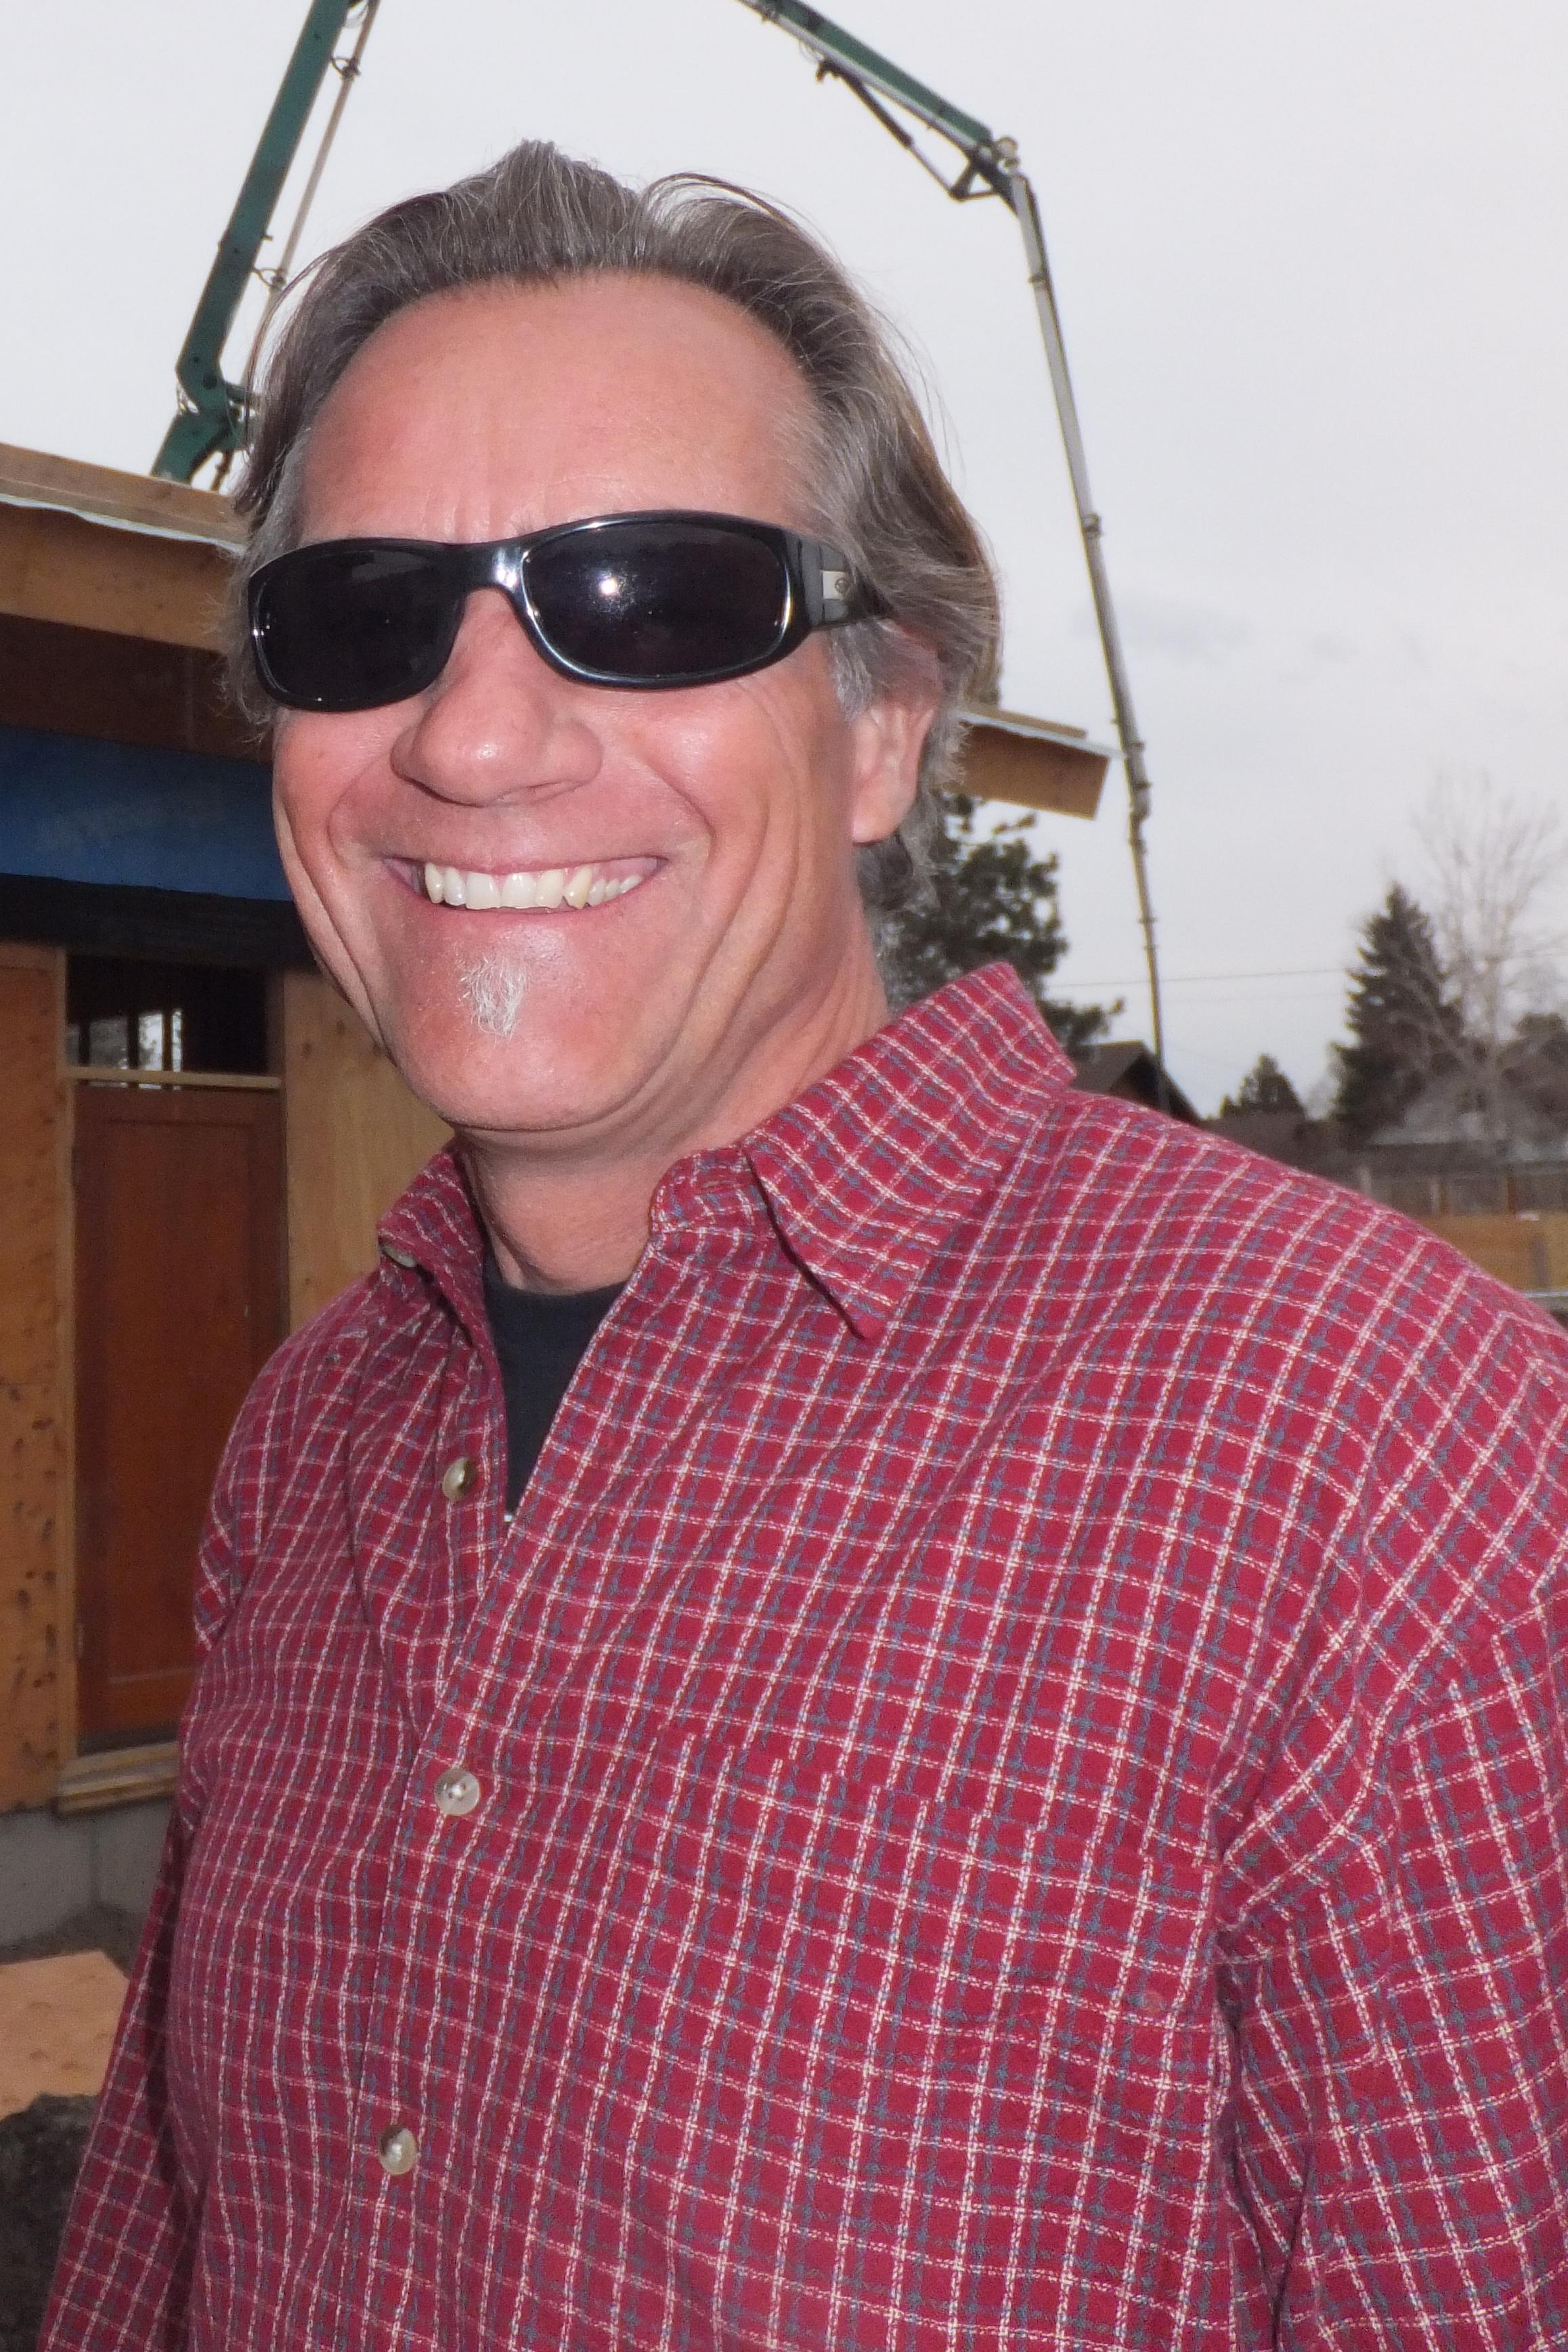 Jim Fagan Timberline Construction